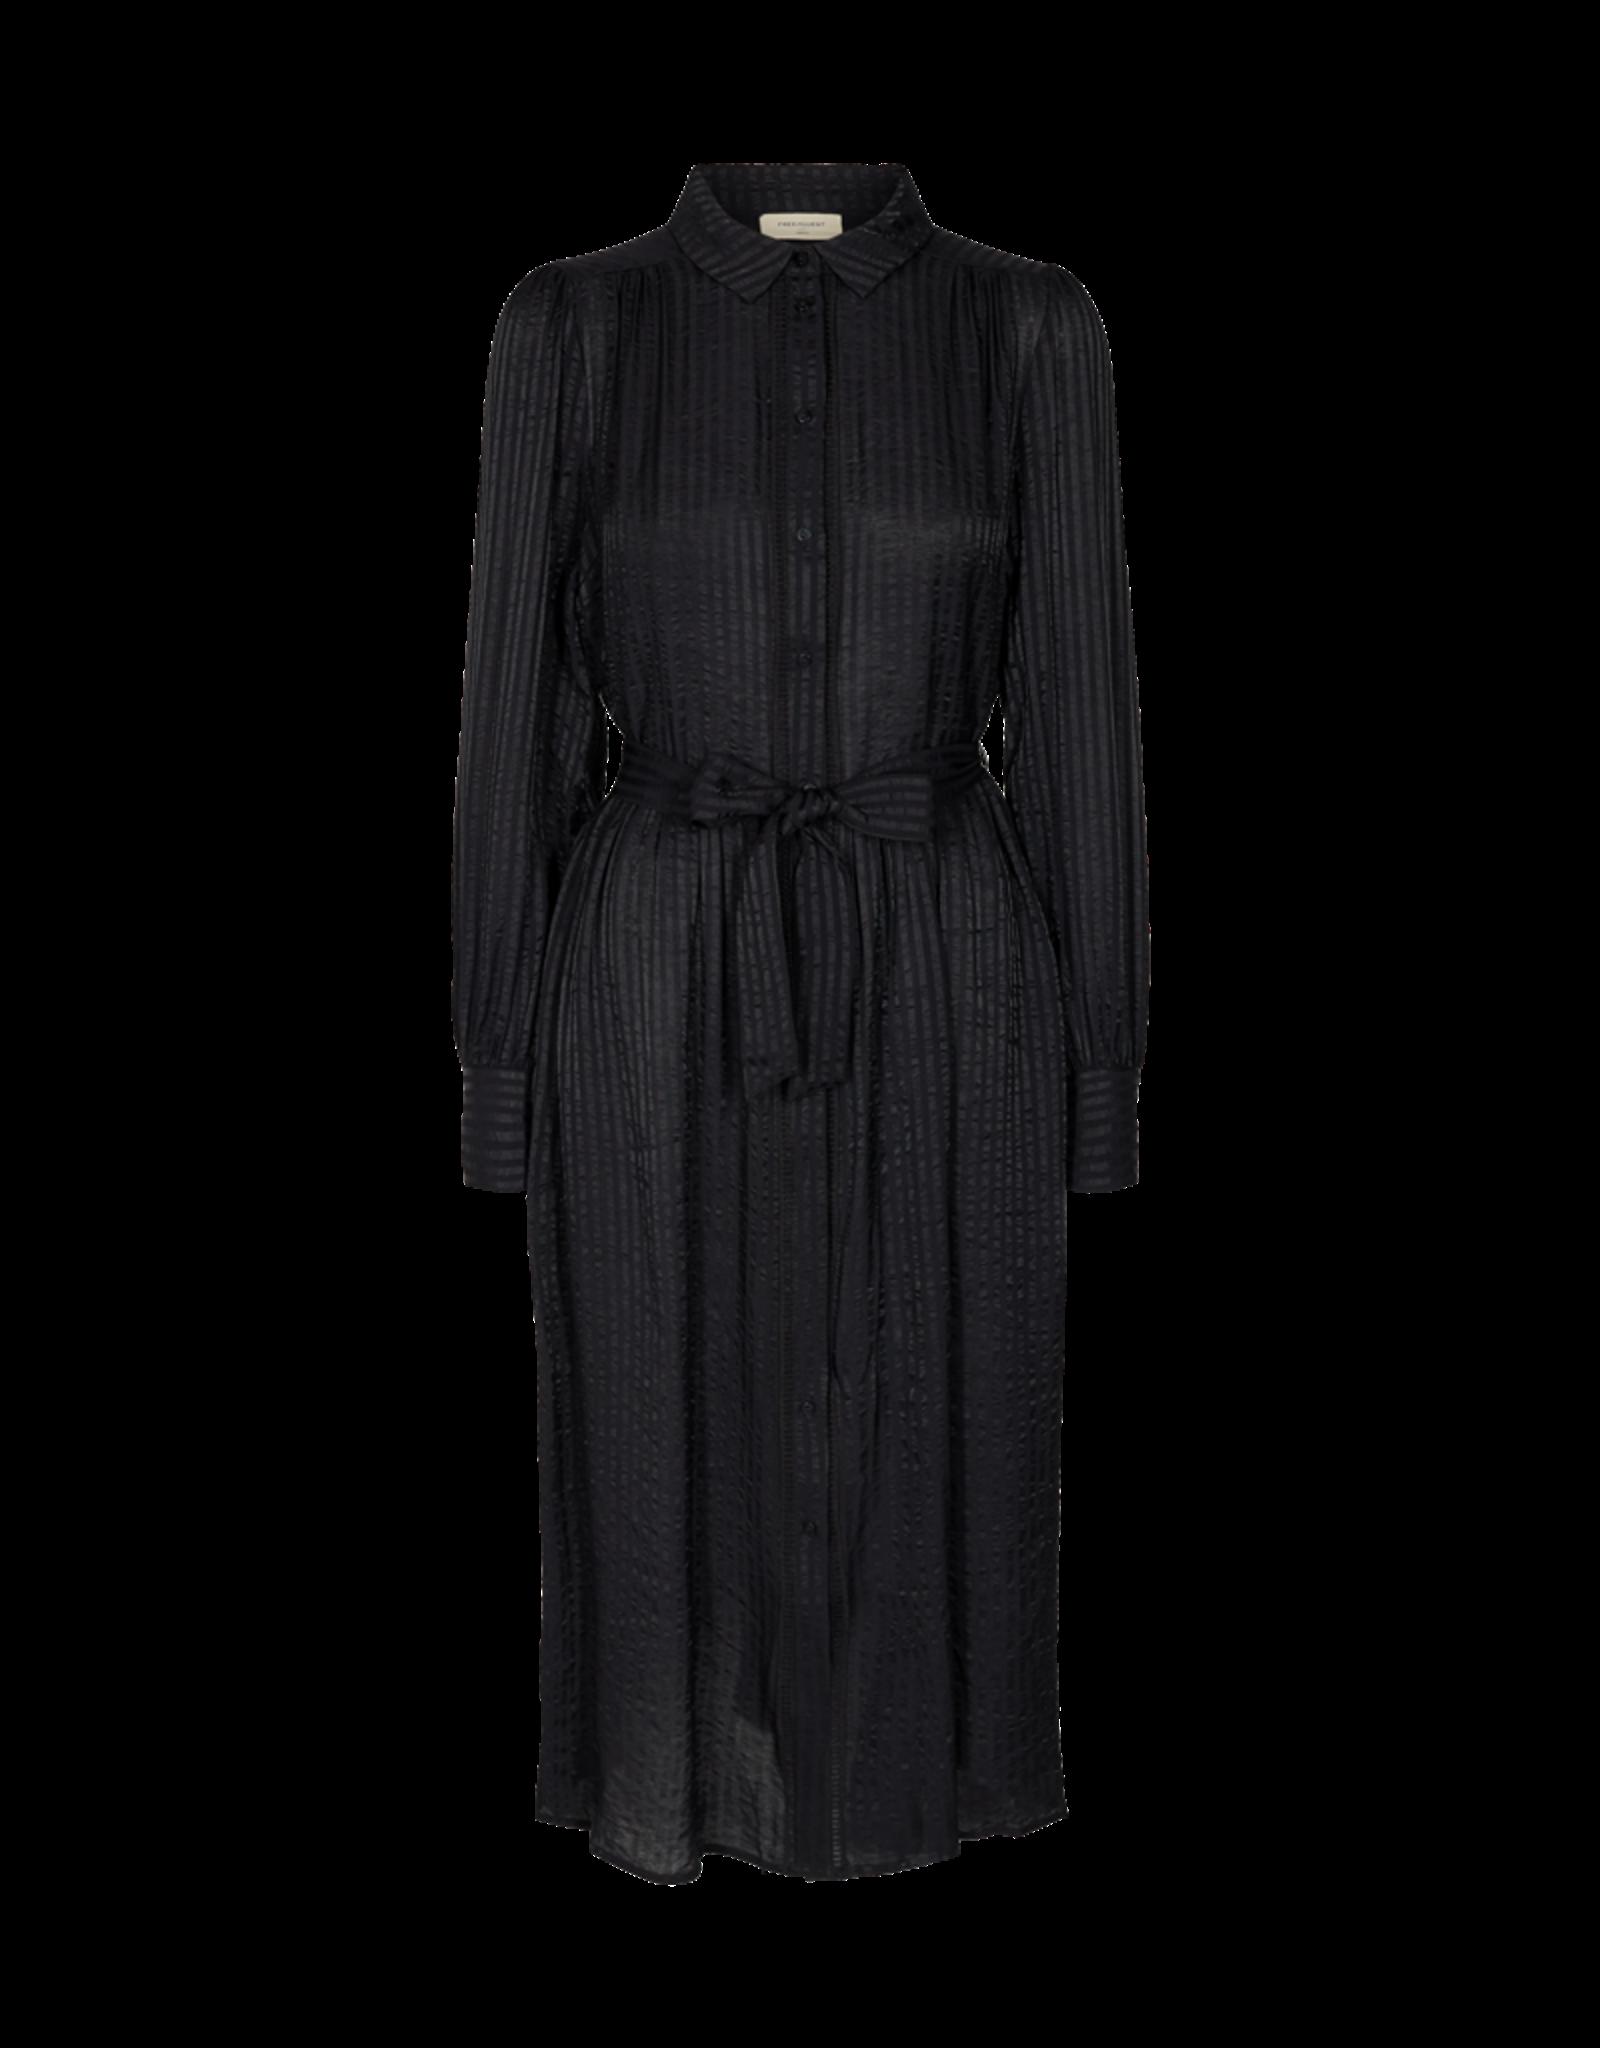 BREE DRESS BLACK